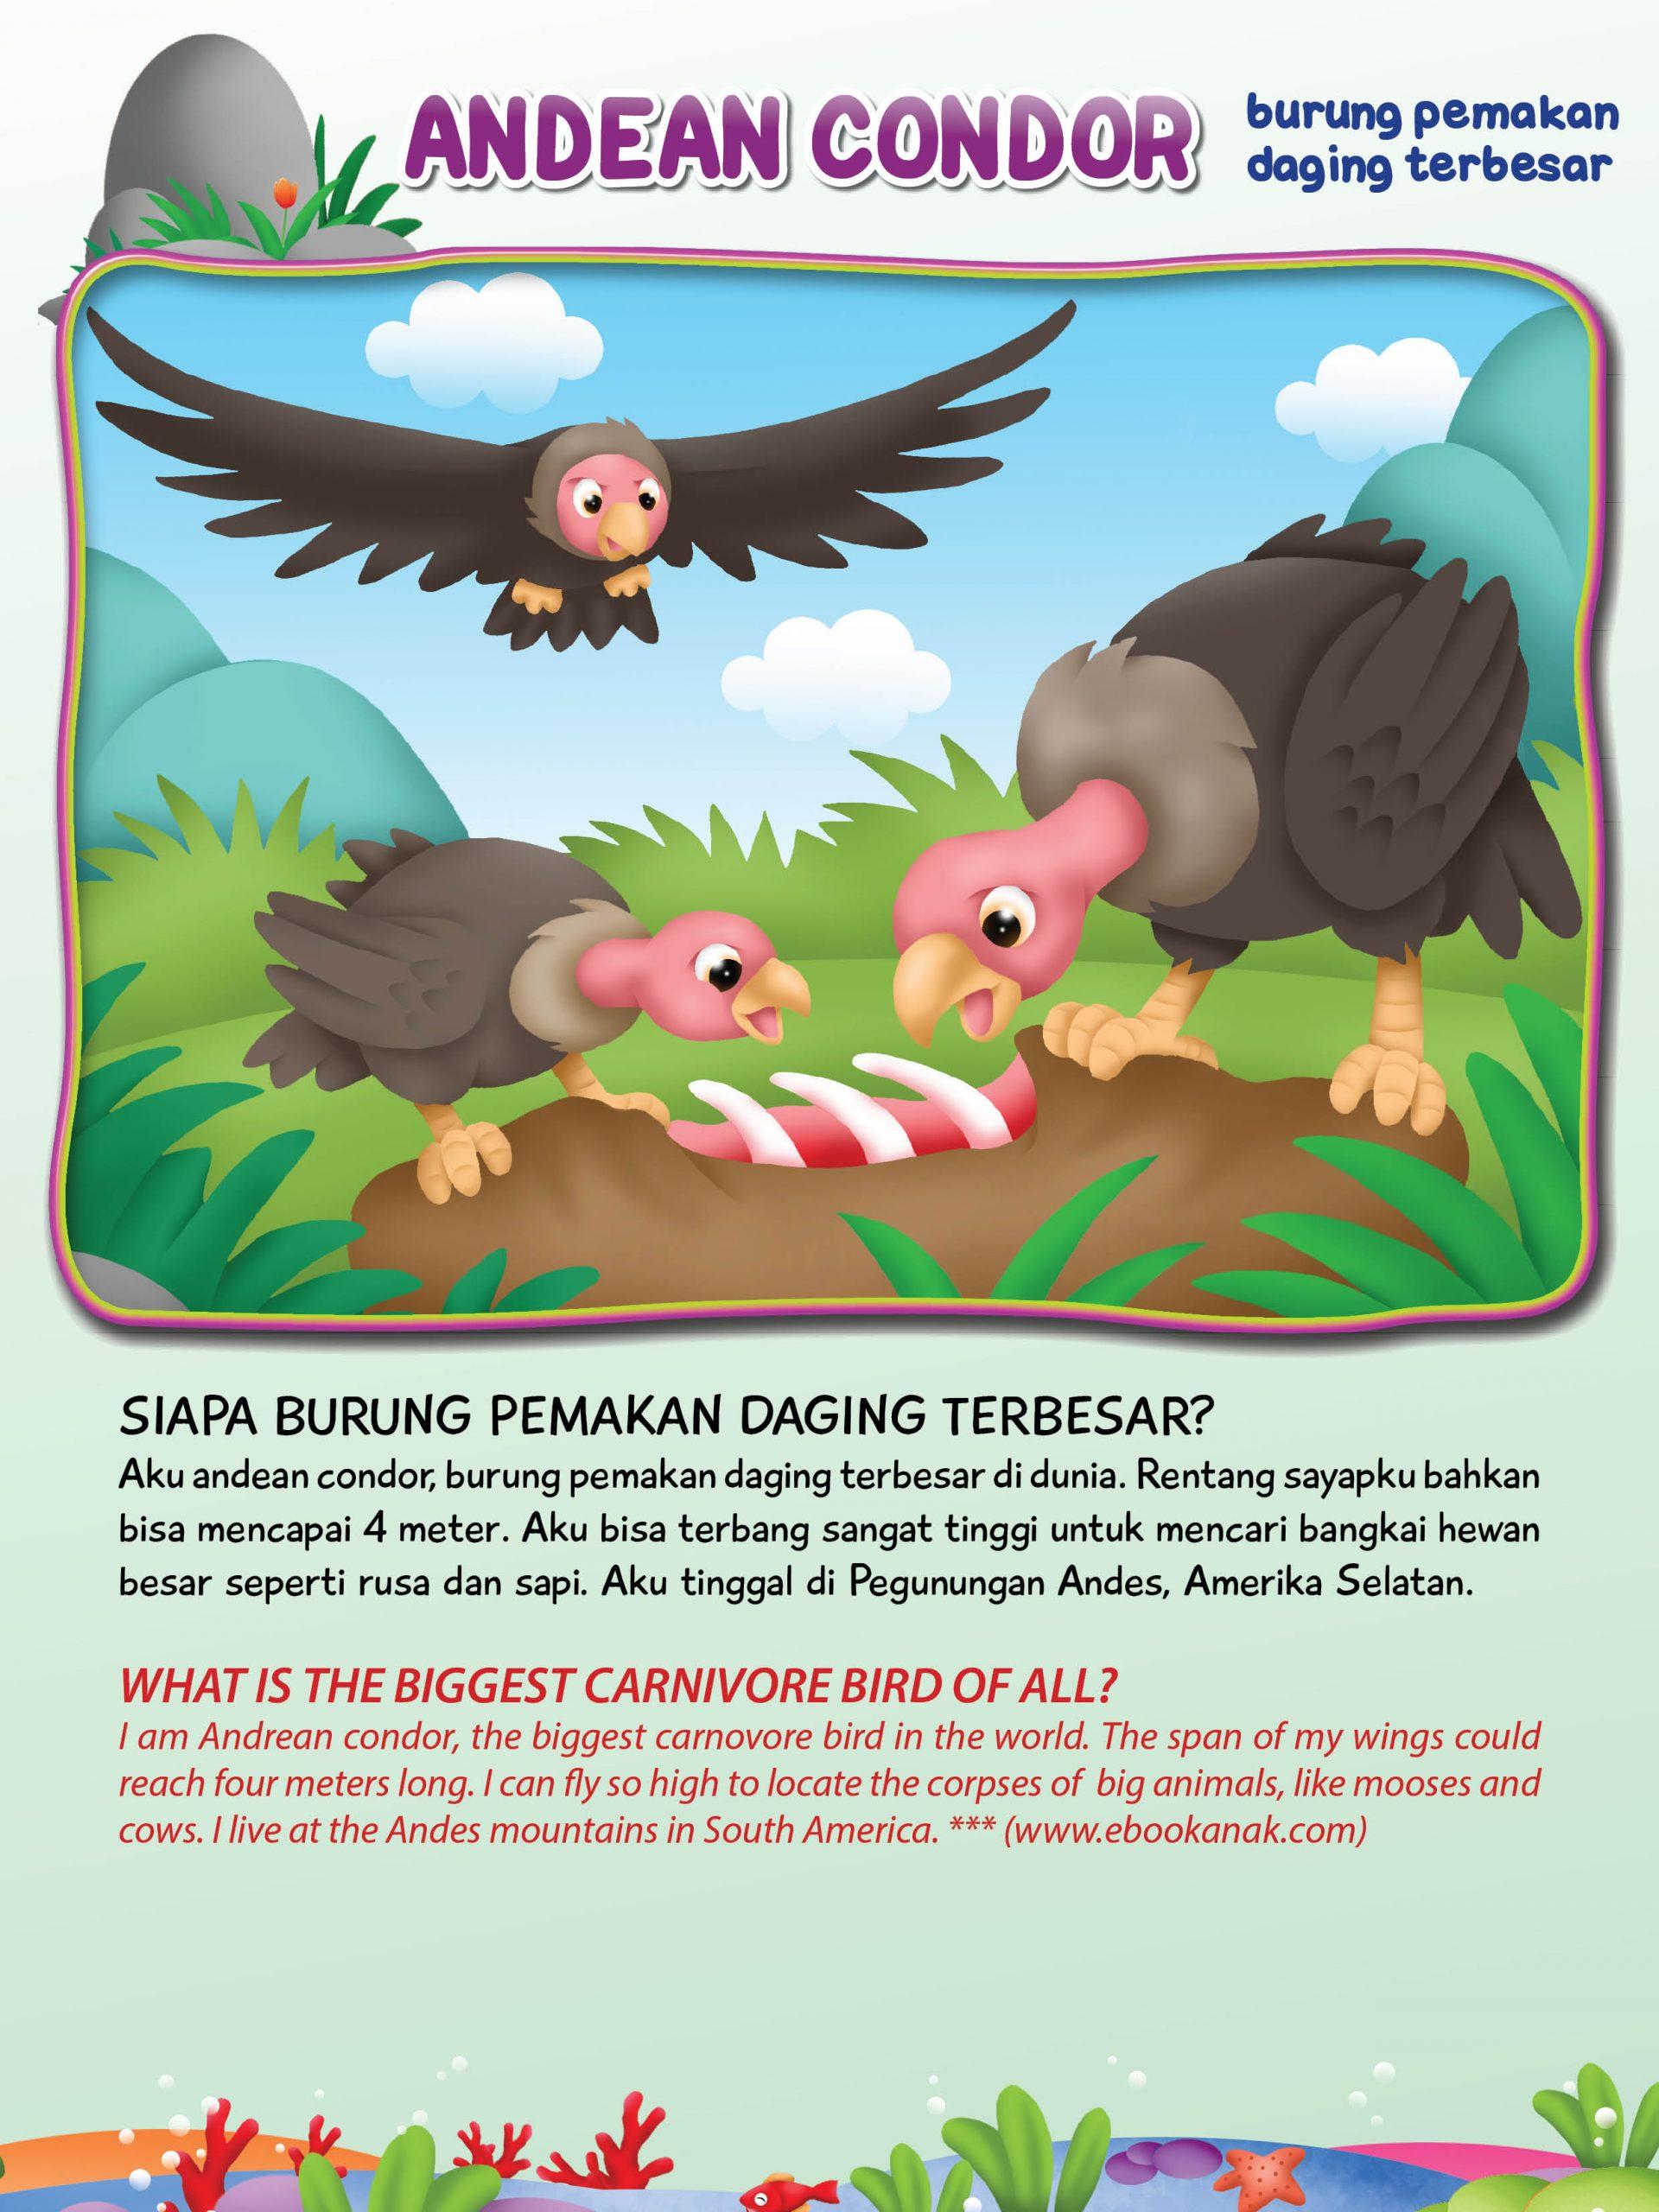 Rentang sayap burung andean condor bahkan bisa mencapai 4 meter.